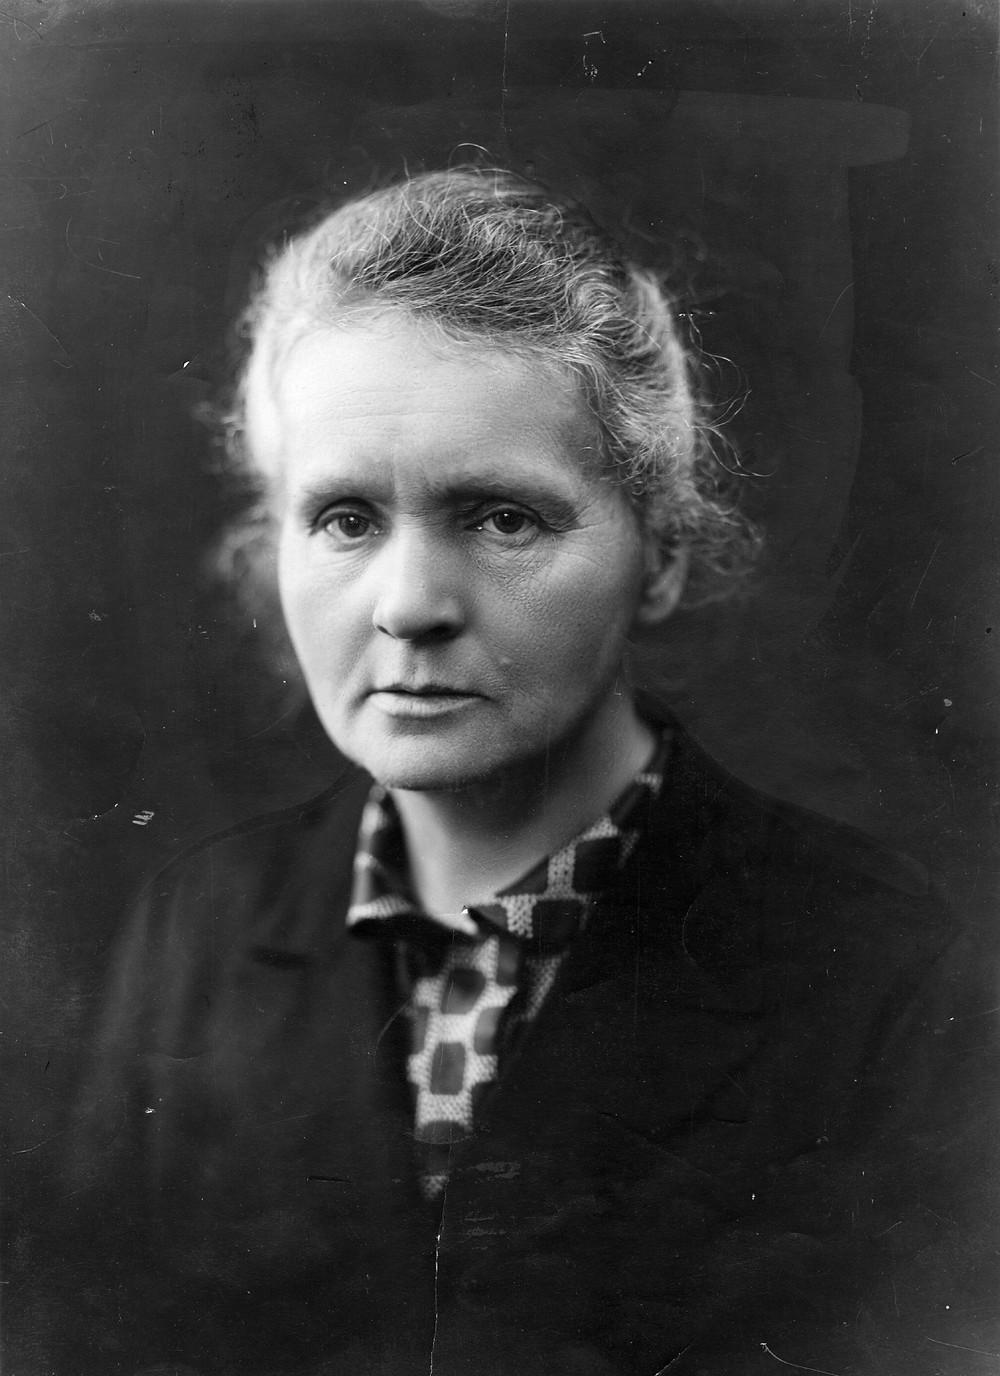 Uma mulher, em preto e branco, olha séria para a câmera.